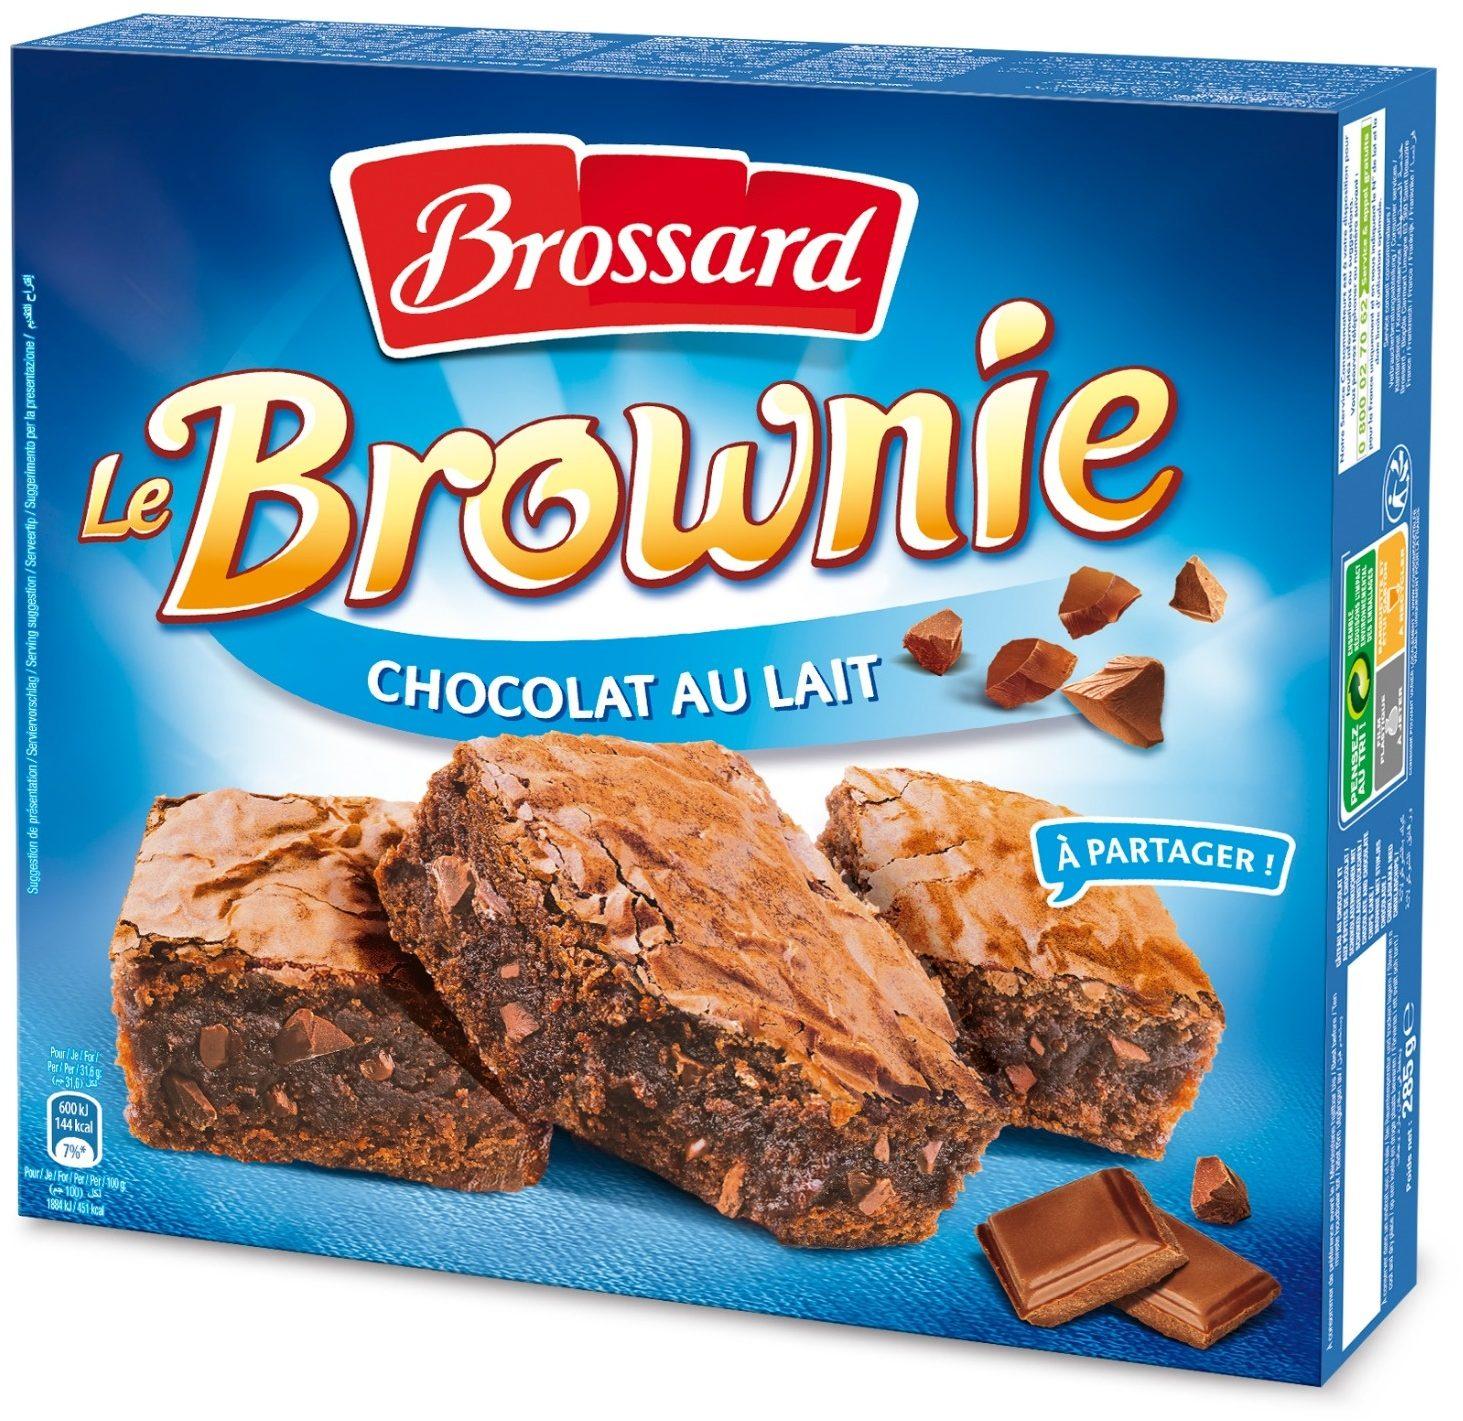 Le Brownie Chocolat au Lait - Producto